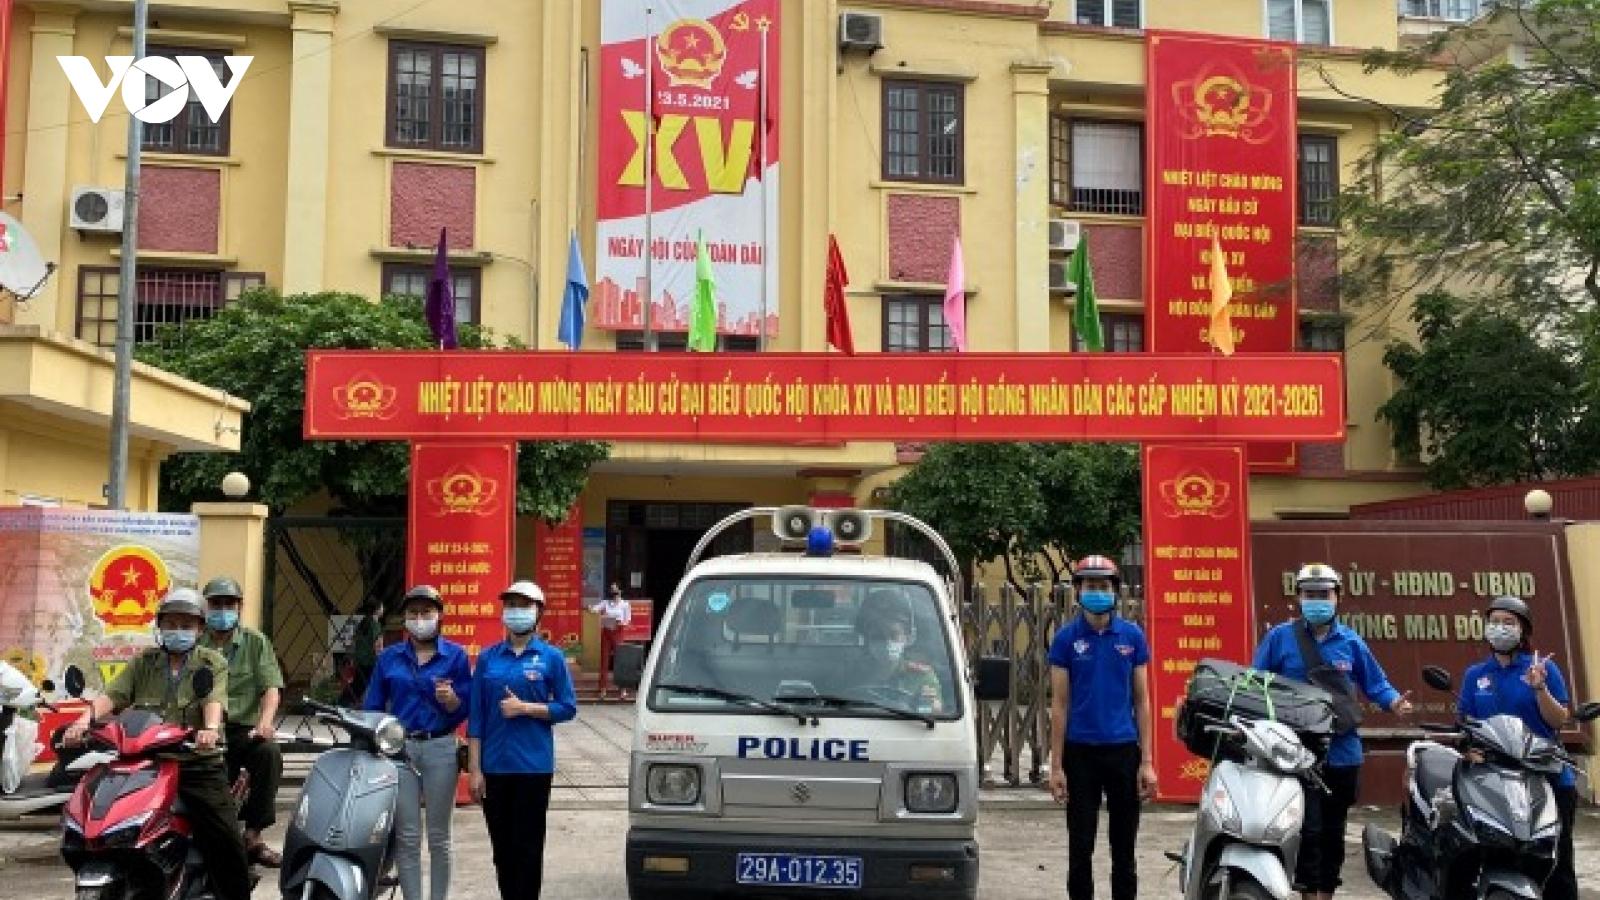 Hà Nội: Công an cơ sở sẽ làm Tổ trưởng Tổ COVID cộng đồng